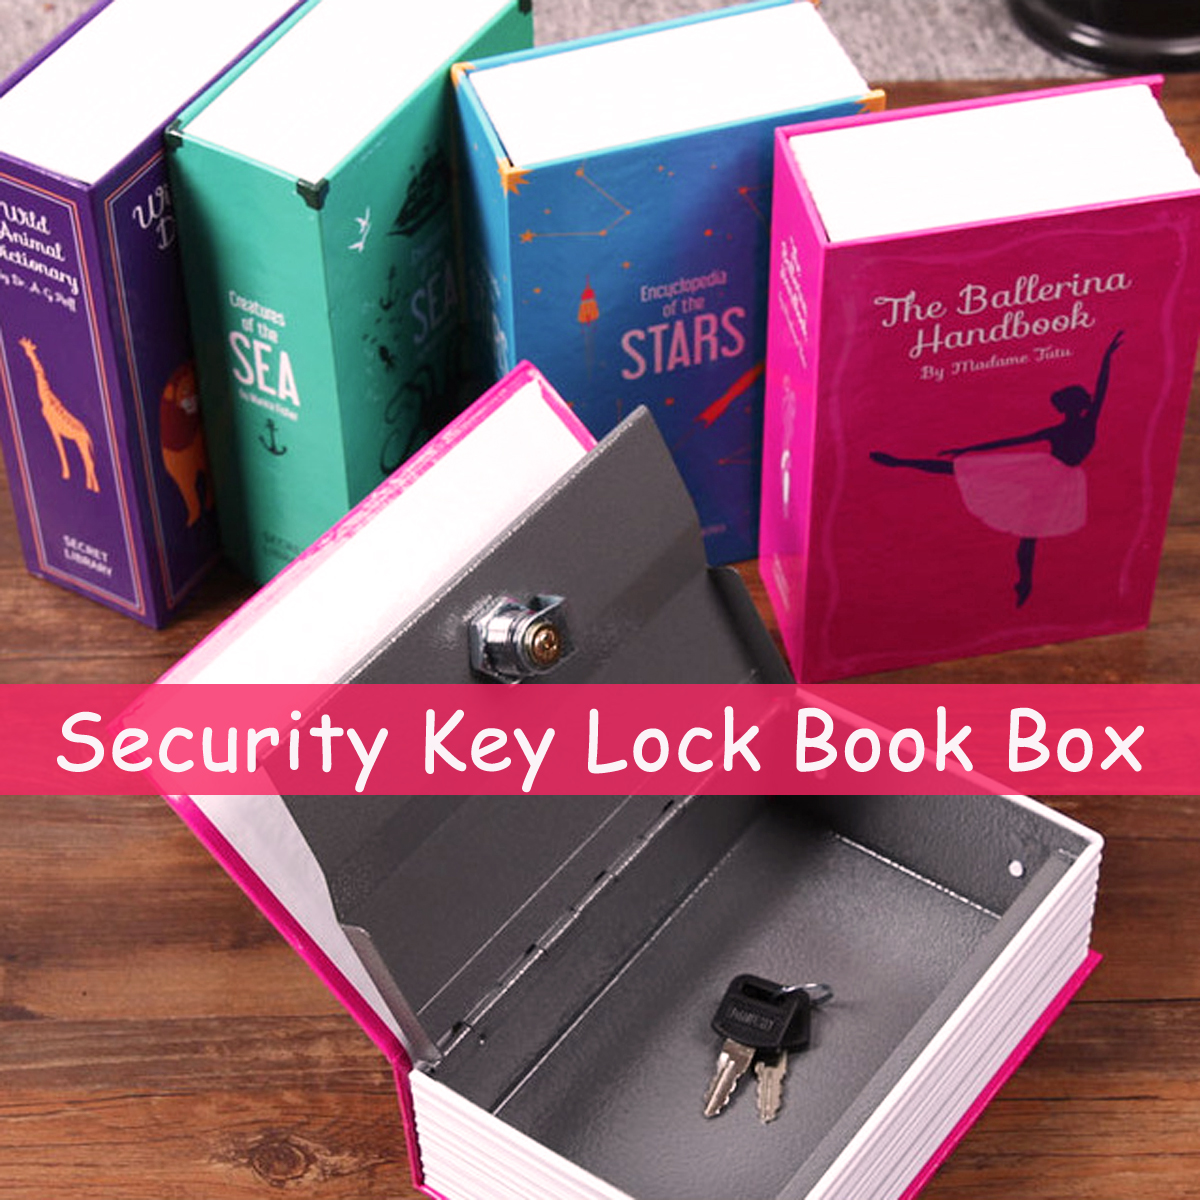 Type : Butterfly Type W/örterbuch Buchgeheimnis Safe Sicherheitsbox Geld Bargeld Schmuck Lock Box Fictory Security Book Box